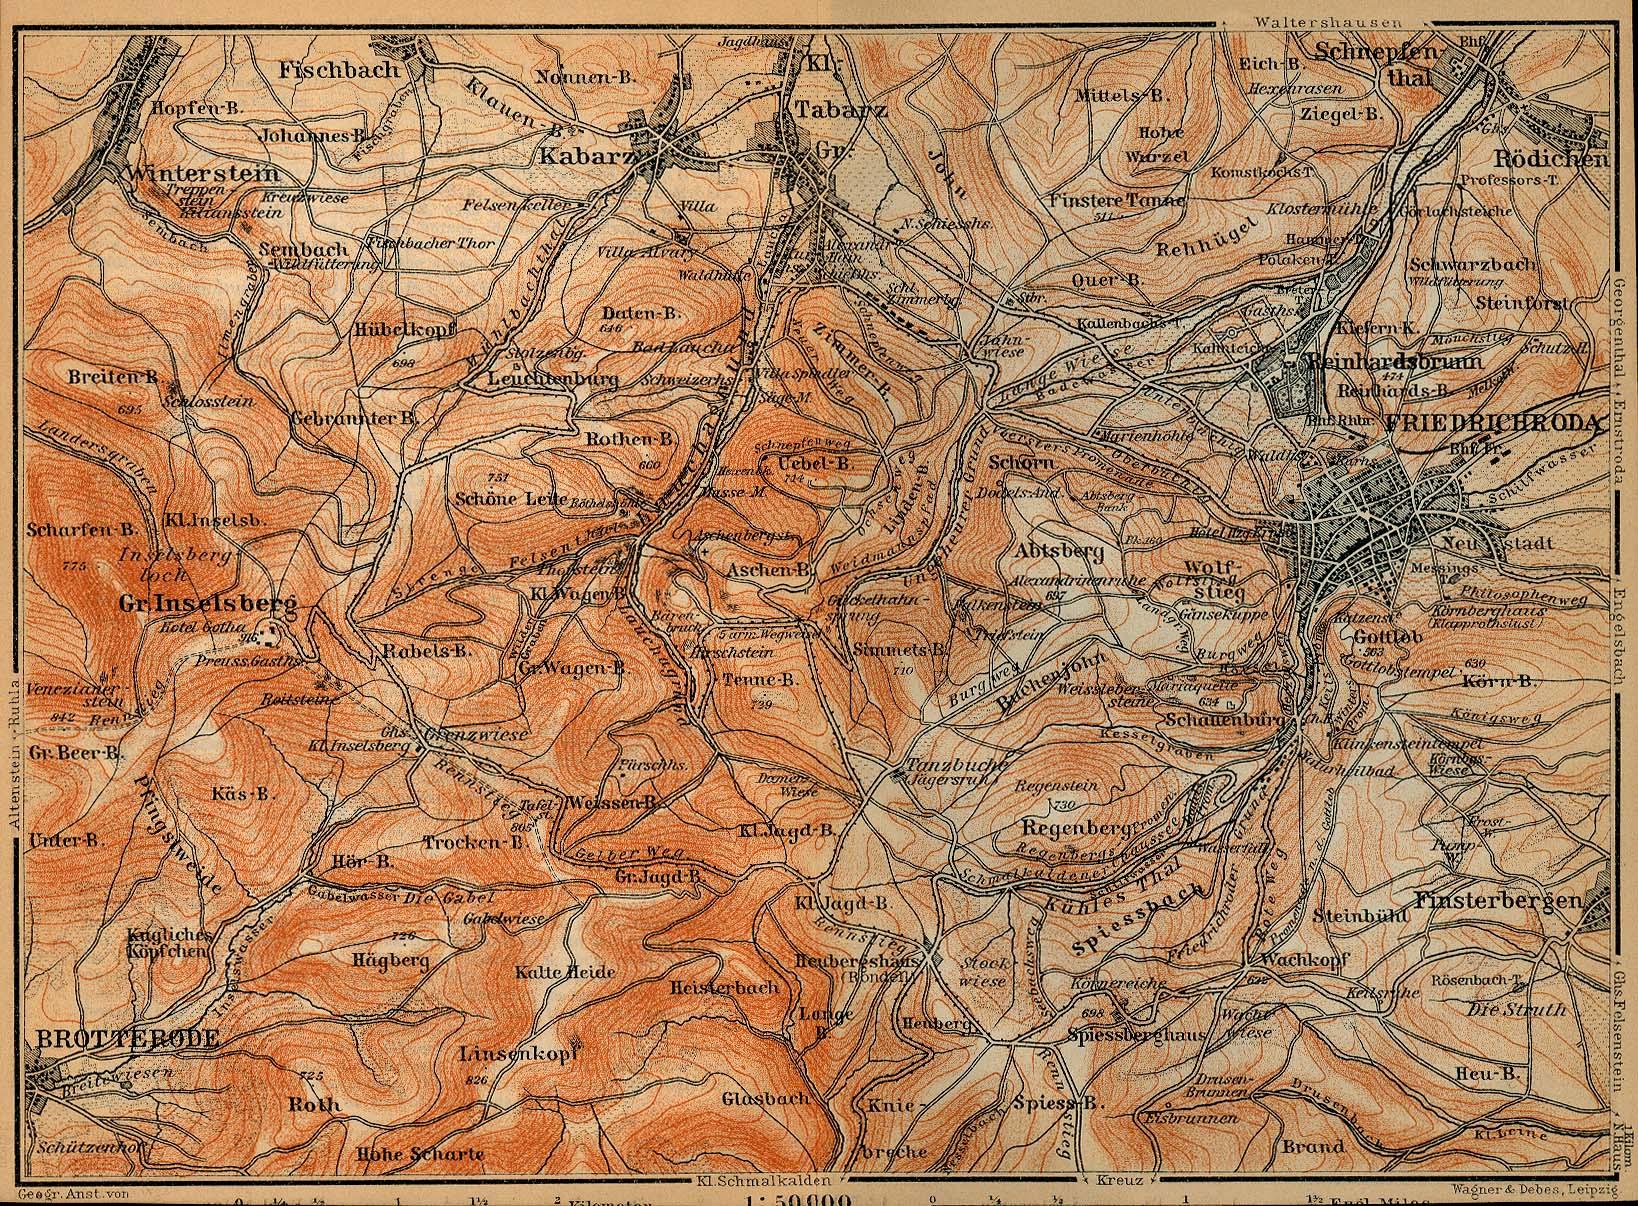 Alrededores de Friedrichroda Mapa histórico, Alemania 1910.